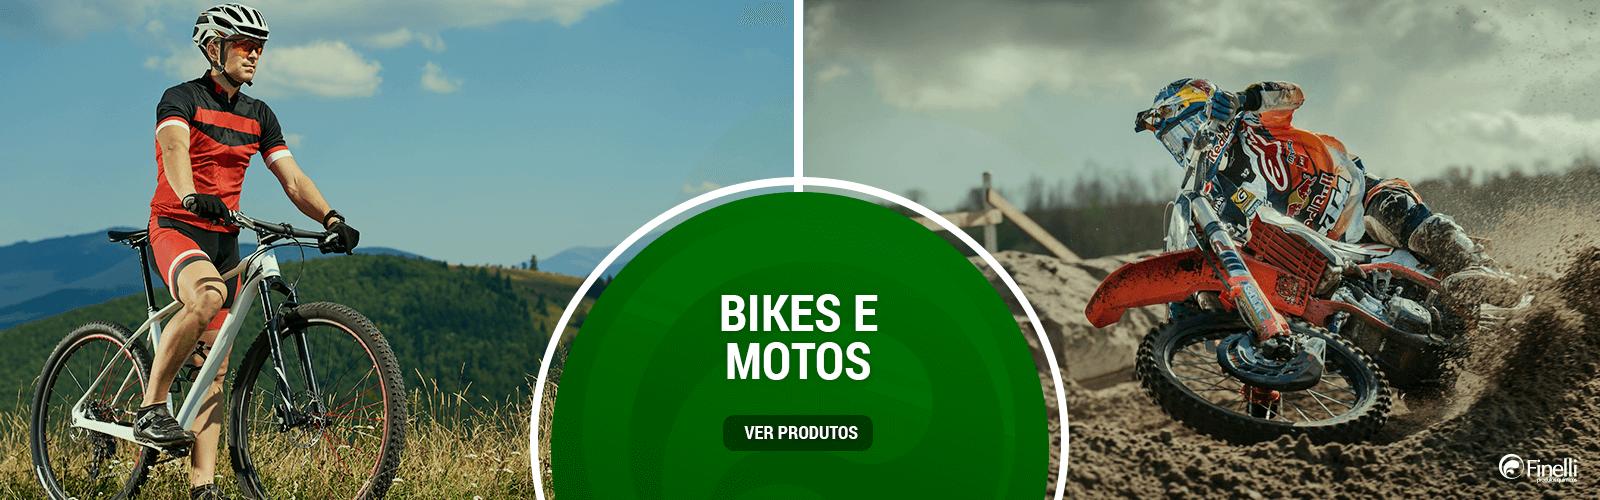 Bike e Moto